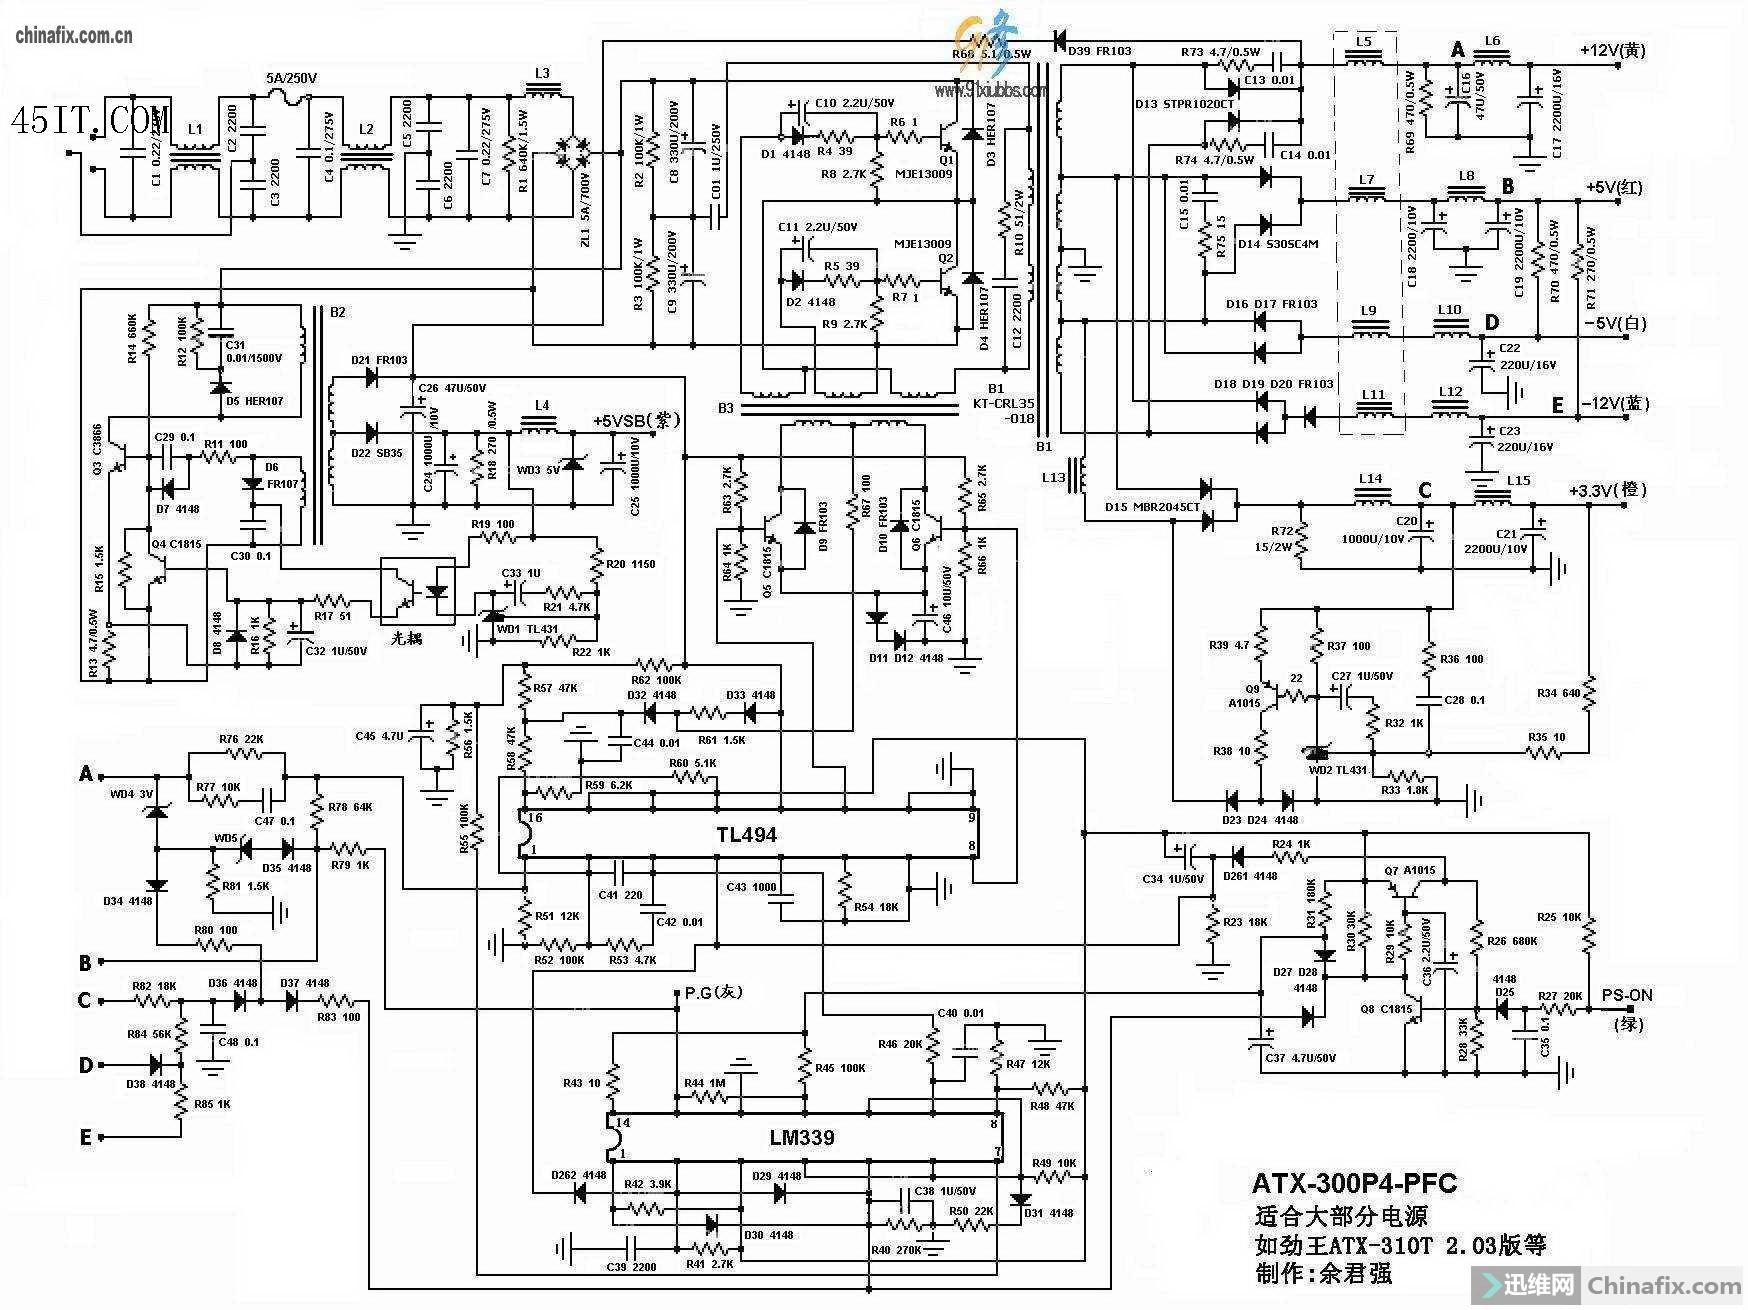 好常见的长城电源的电路图,atx-300p4-pfc